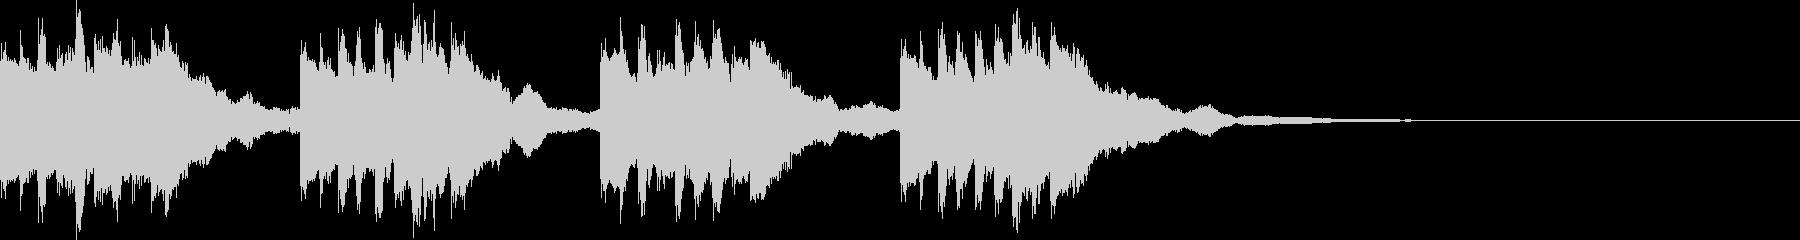 オーソドックスメロディアス着信音の未再生の波形